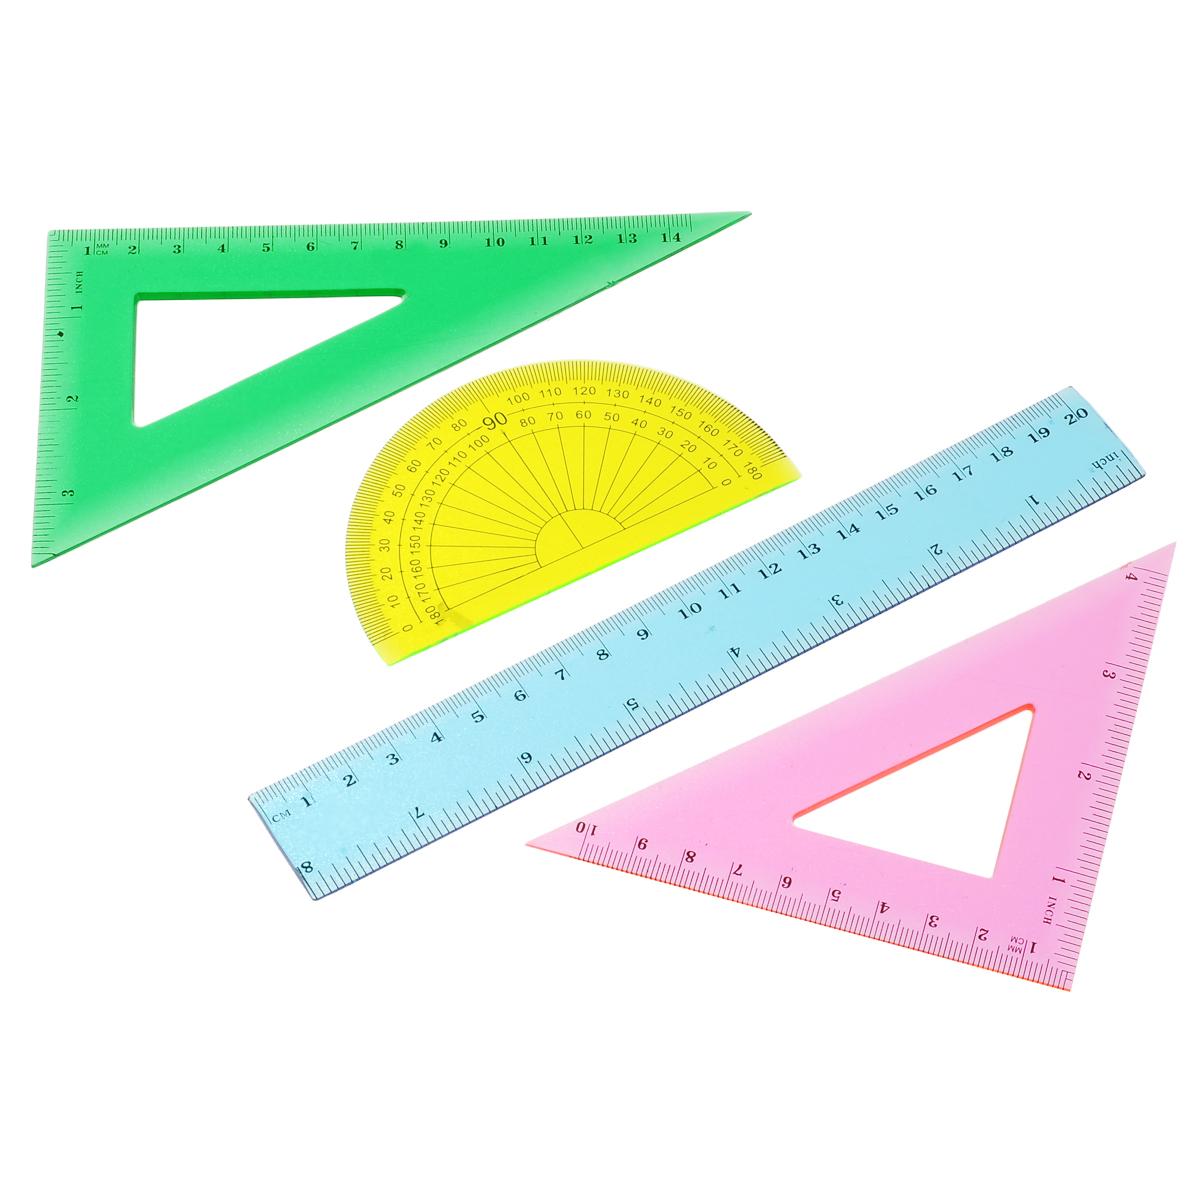 Геометрический набор Proff, 4 предмета. PDS20PDS20Геометрический набор Proff, выполненный из прозрачного пластика можно носить повсюду.Набор состоит из четырех предметов: линейки на 20 сантиметров, транспортира на 180 градусов и двух угольников. Один угольник с углами 45, 45, 90 градусов, одна сторона угольника представляет собой линейку на 15 сантиметров. Второй угольник с углами 30, 60, 90 градусов и линейкой на 11 сантиметров. Разметка шкалы нанесена на внутреннюю поверхность чертежных принадлежностей, что предотвращает ее истирание.Каждый чертежный инструмент имеет свои функциональные особенности, что делает работу с ними особенно удобной и легкой. УВАЖАЕМЫЕ КЛИЕНТЫ! Обращаем ваше внимание на ассортимент в цветовом дизайне товара. Поставка осуществляется в зависимости от наличия на складе.